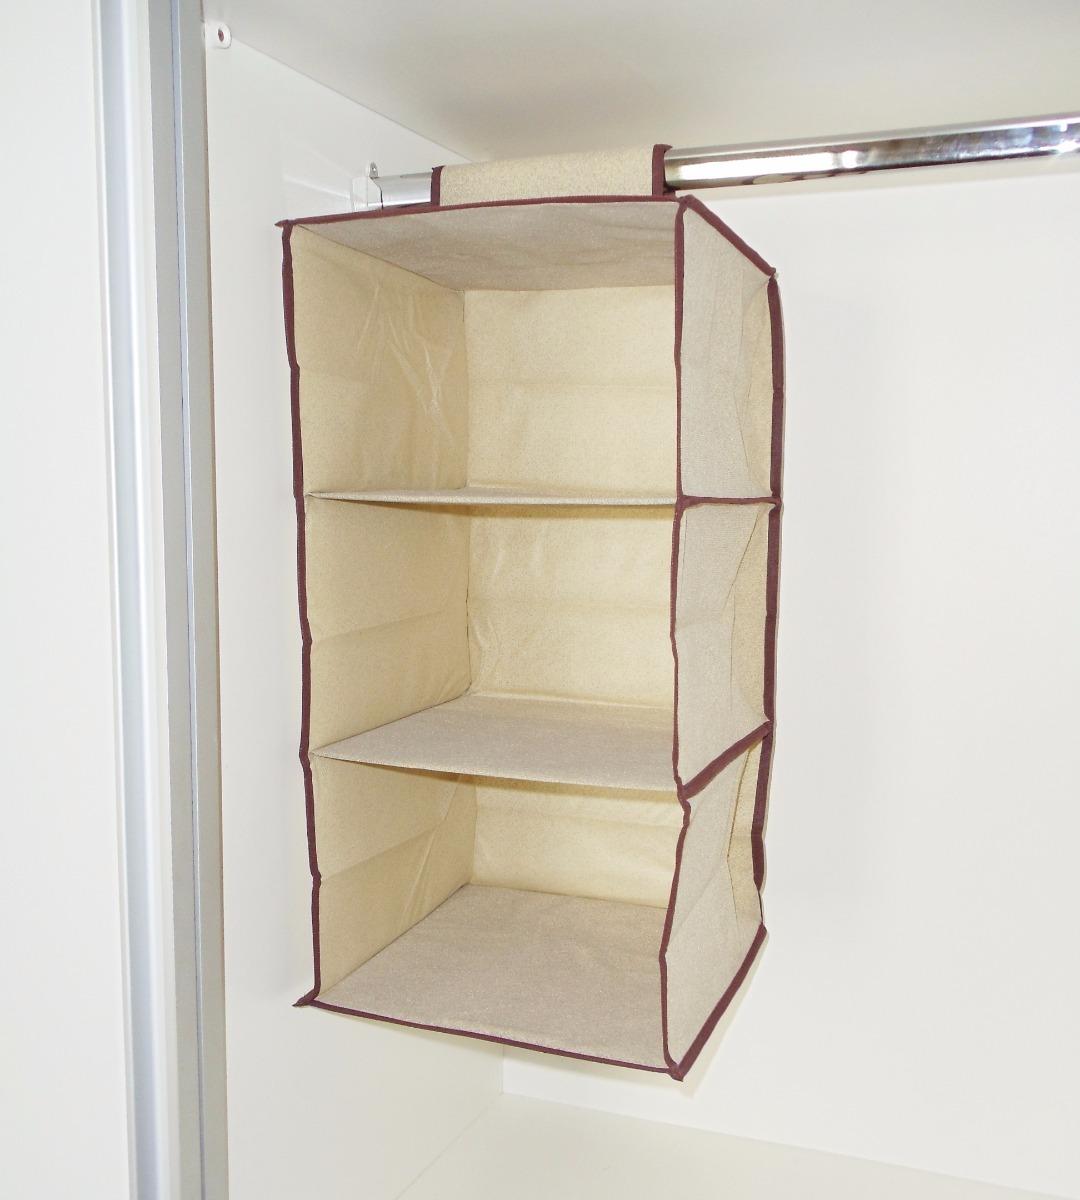 Organizador vertical de armarios guarda roupa prateleira r 34 99 em mercado livre - Organizador armarios ...